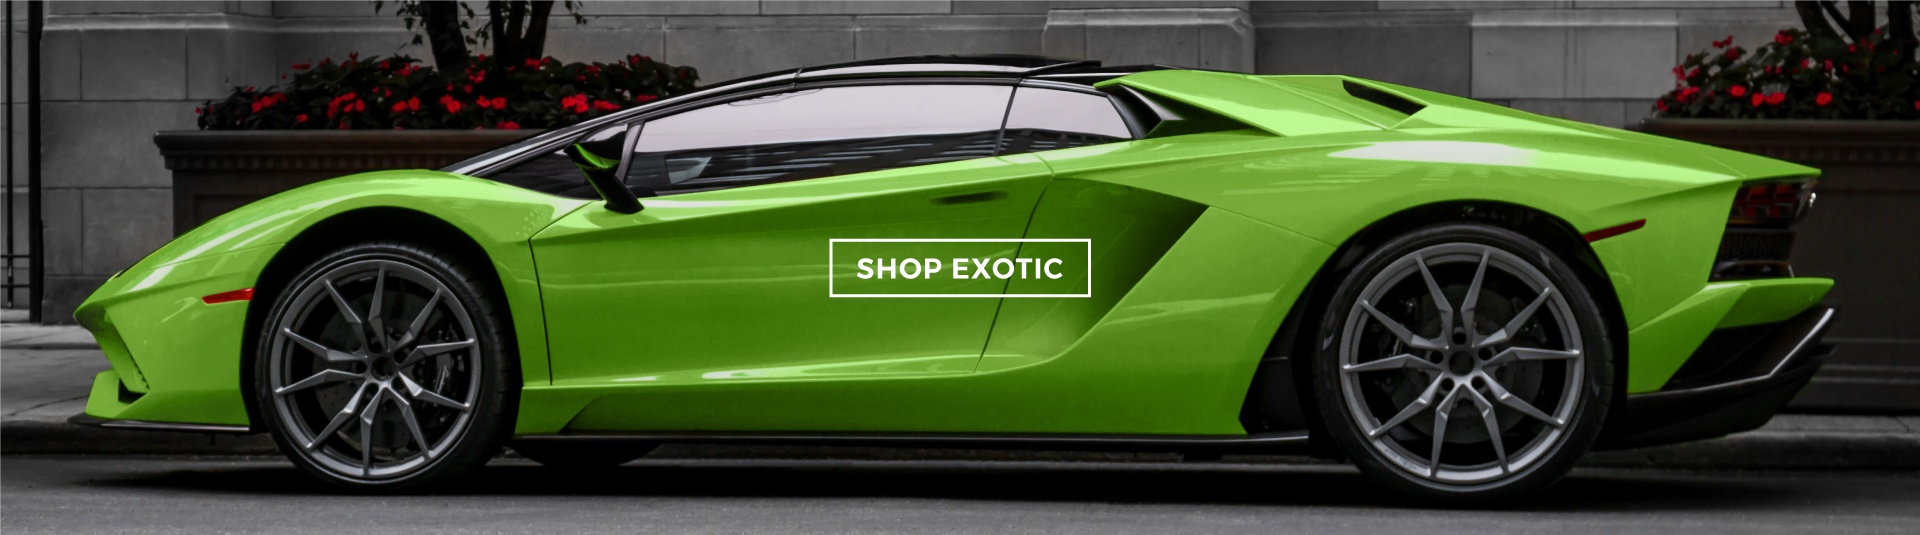 Shop Exotic